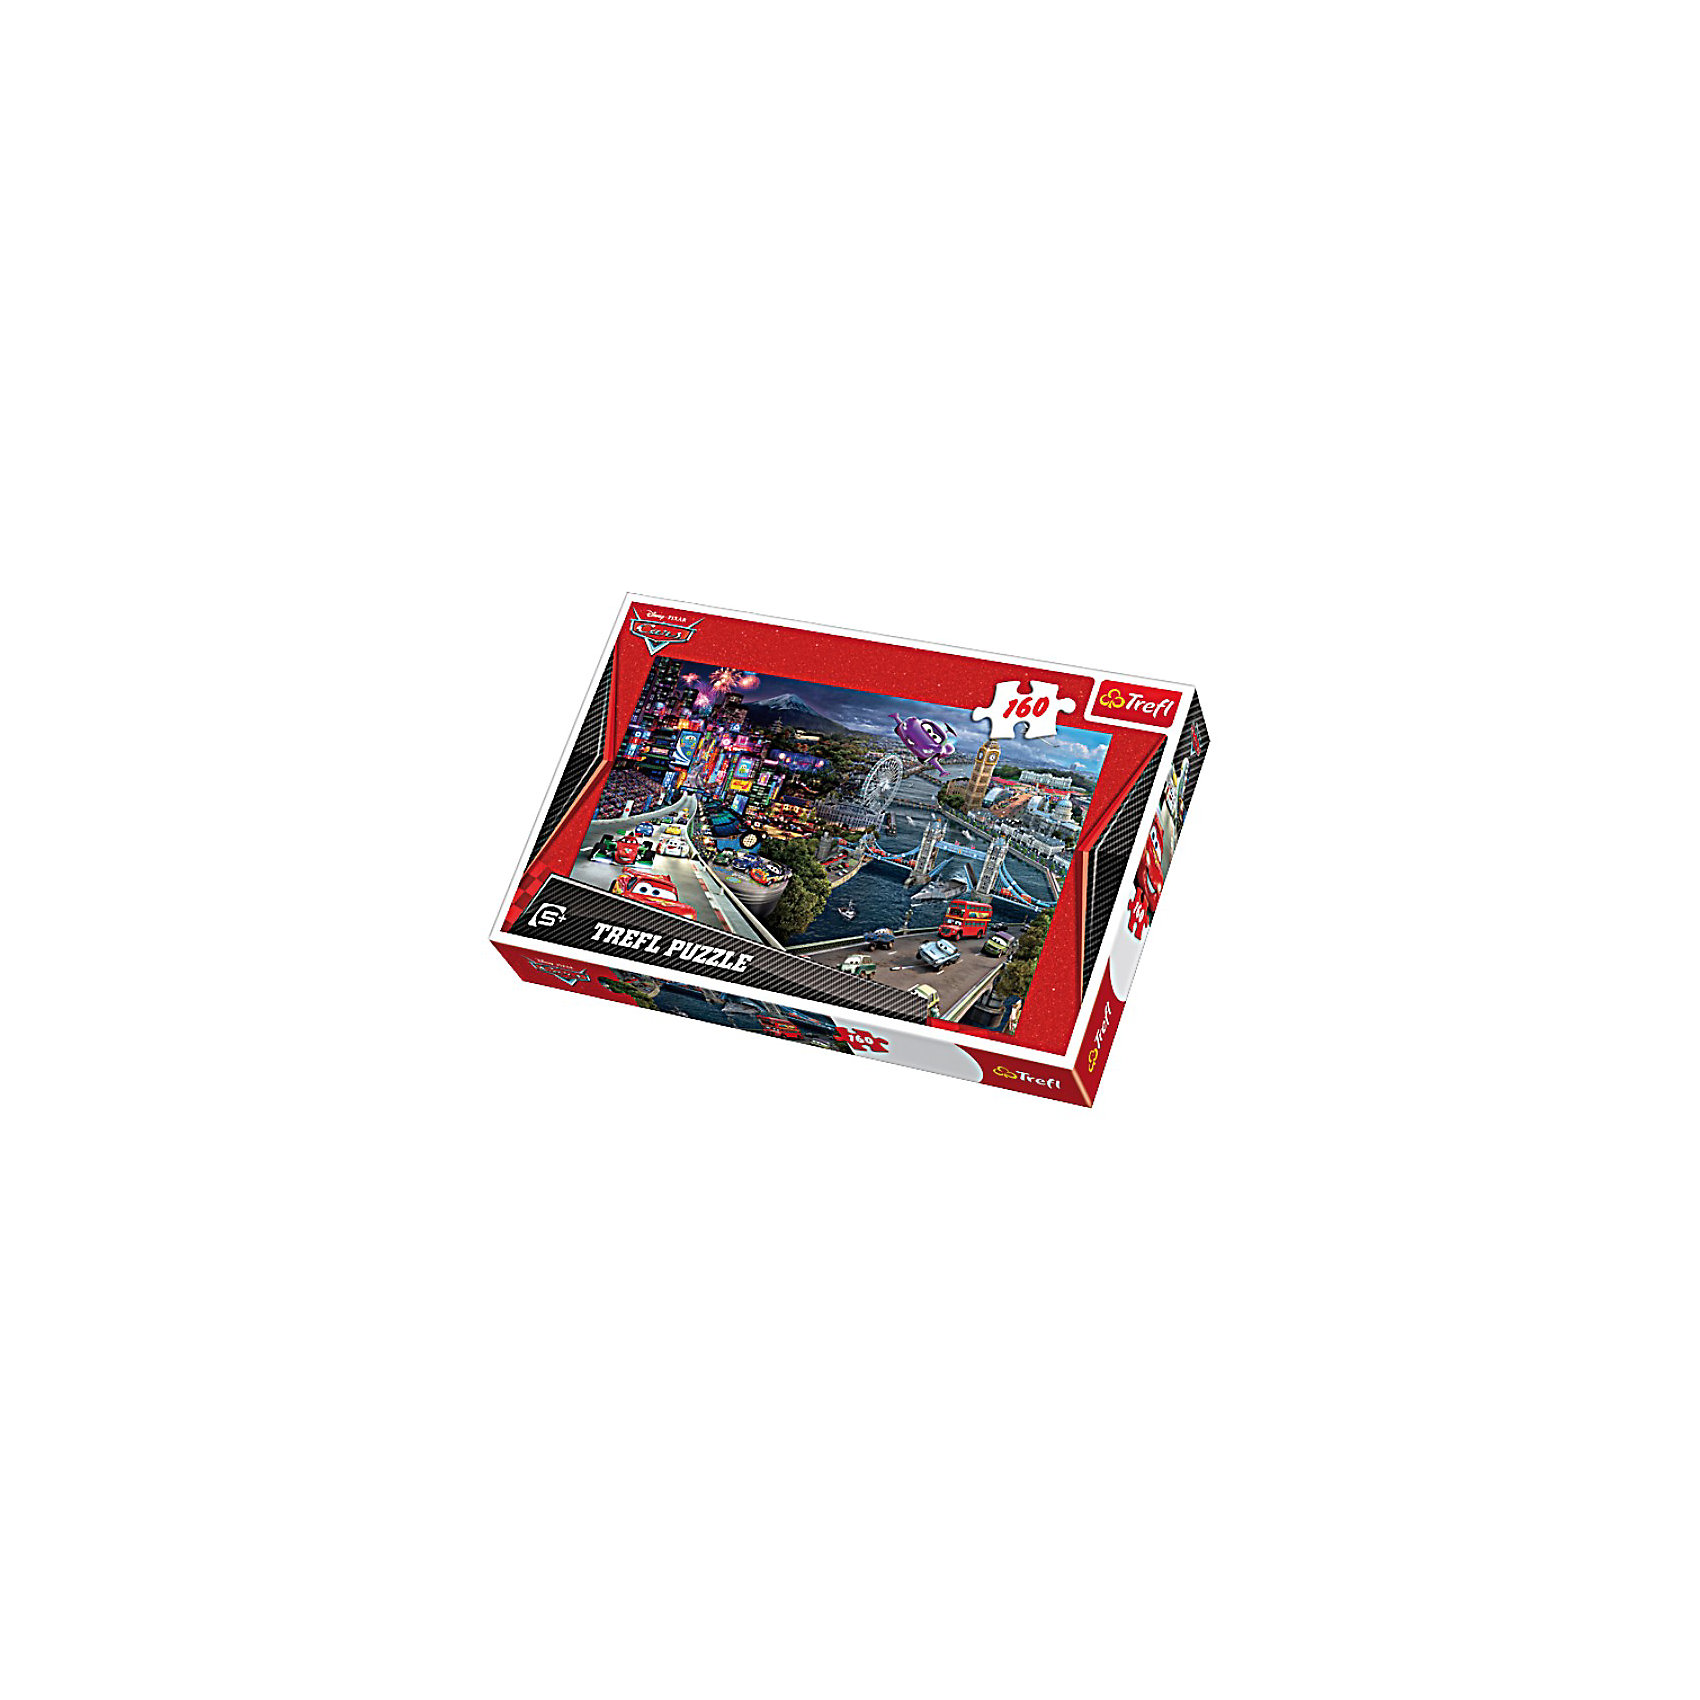 Пазлы  коллаж «Тачки 2», 160 элементовТачки<br>Количество деталей: 160 штук. <br>Размер сложенного изображения: 41х27,8 см. <br>Размер коробки: 28,8х19,3х4,1 см. <br>Пазл «Коллаж - Тачки 2» - это яркая и красивая картинка с изображением популярных героев знаменитого мульфильма на фоне панорамы Токио. На картинке очень много различных мелких элементов – машинки, детали города в отдалении (мосты, колесо обозрение, дома), деревья – это делает процесс сборки пазла очень интересным и увлекательным. Такая игрушка будет отличным подарком для мальчика старше пяти лет и поможет ему развивать логическое мышление, внимательность, терпение и усидчивость в игровой форме. <br>Игра выпущена польским брендом Trefl, известным своими пазлами во всем мире. Дело в том, что это пазлы высочайшего качества, изготавливающиеся из каландрированной бумаги, что позволяет приобрести им невероятную гладкость и яркие насыщенные цвета, которые не стираются со временем. Кроме того, это экологически чистая продукция, не способная нанести вреда ребенку и окружающей среде.<br><br>Ширина мм: 289<br>Глубина мм: 198<br>Высота мм: 43<br>Вес г: 309<br>Возраст от месяцев: 84<br>Возраст до месяцев: 108<br>Пол: Мужской<br>Возраст: Детский<br>Количество деталей: 160<br>SKU: 3306041